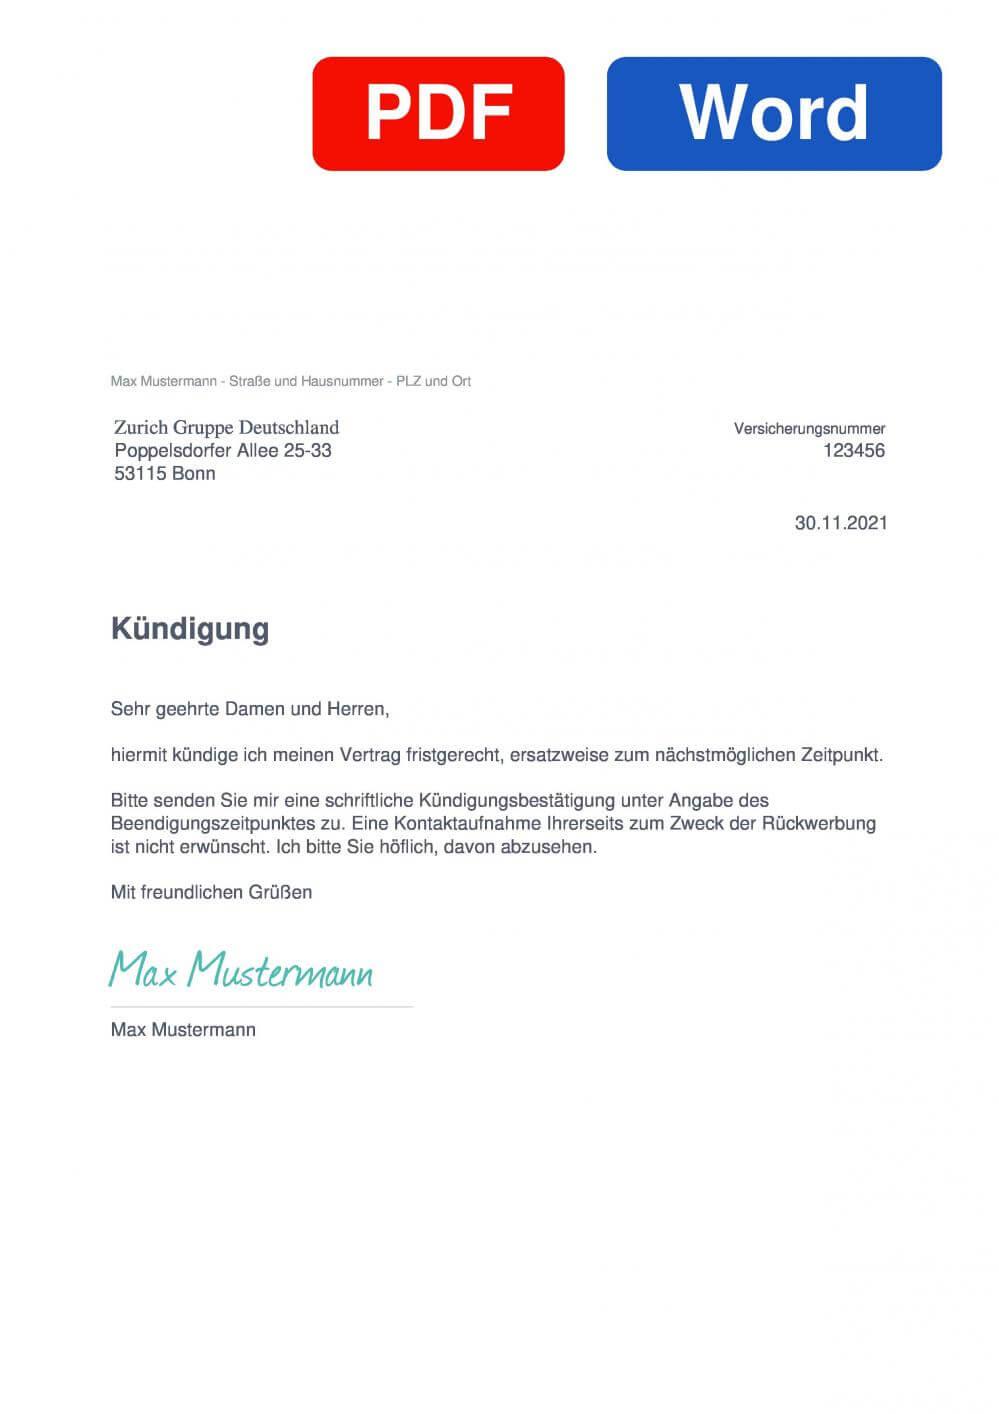 Zurich Riesterrente Muster Vorlage für Kündigungsschreiben